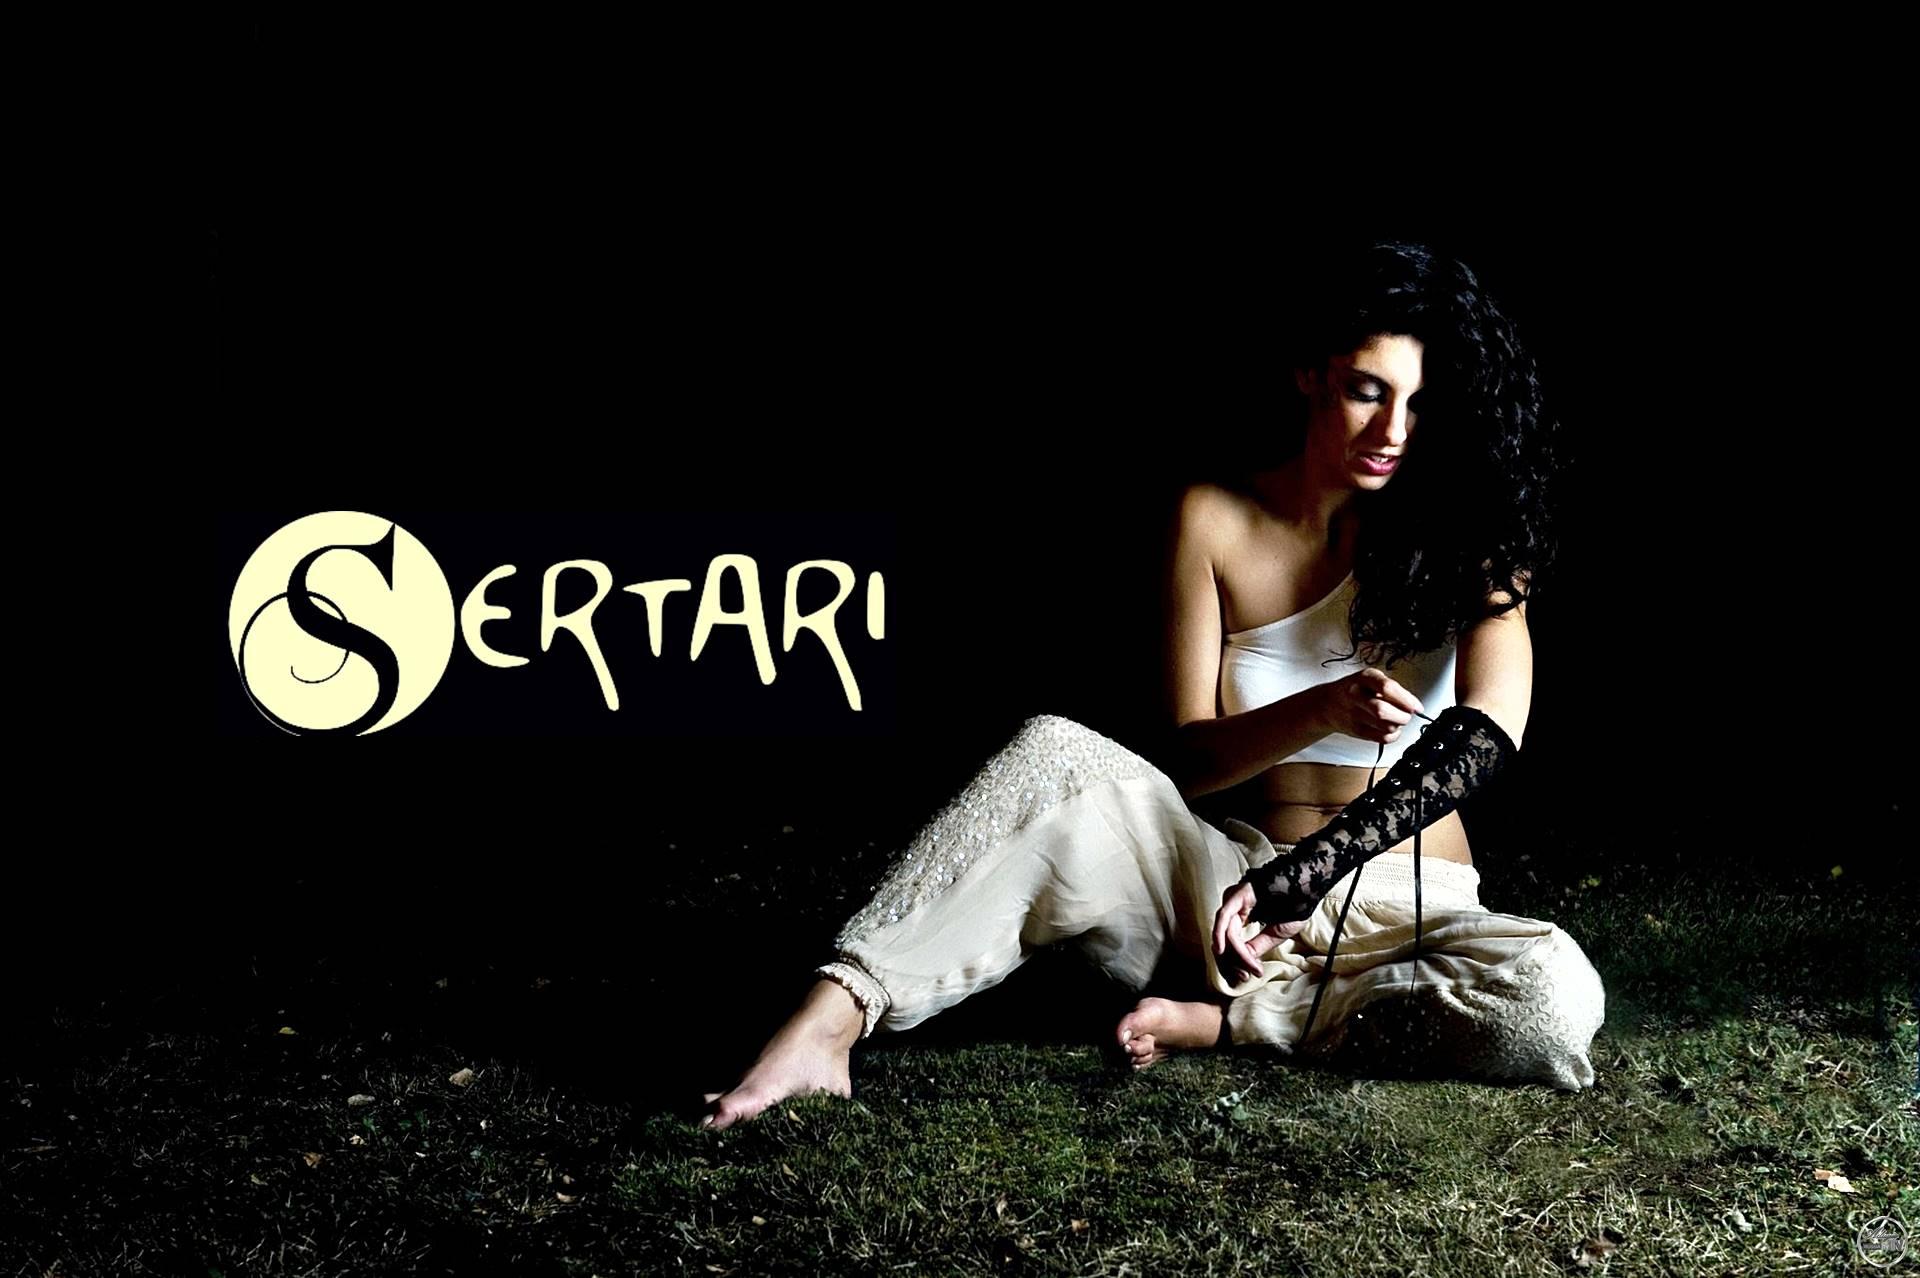 Sertari